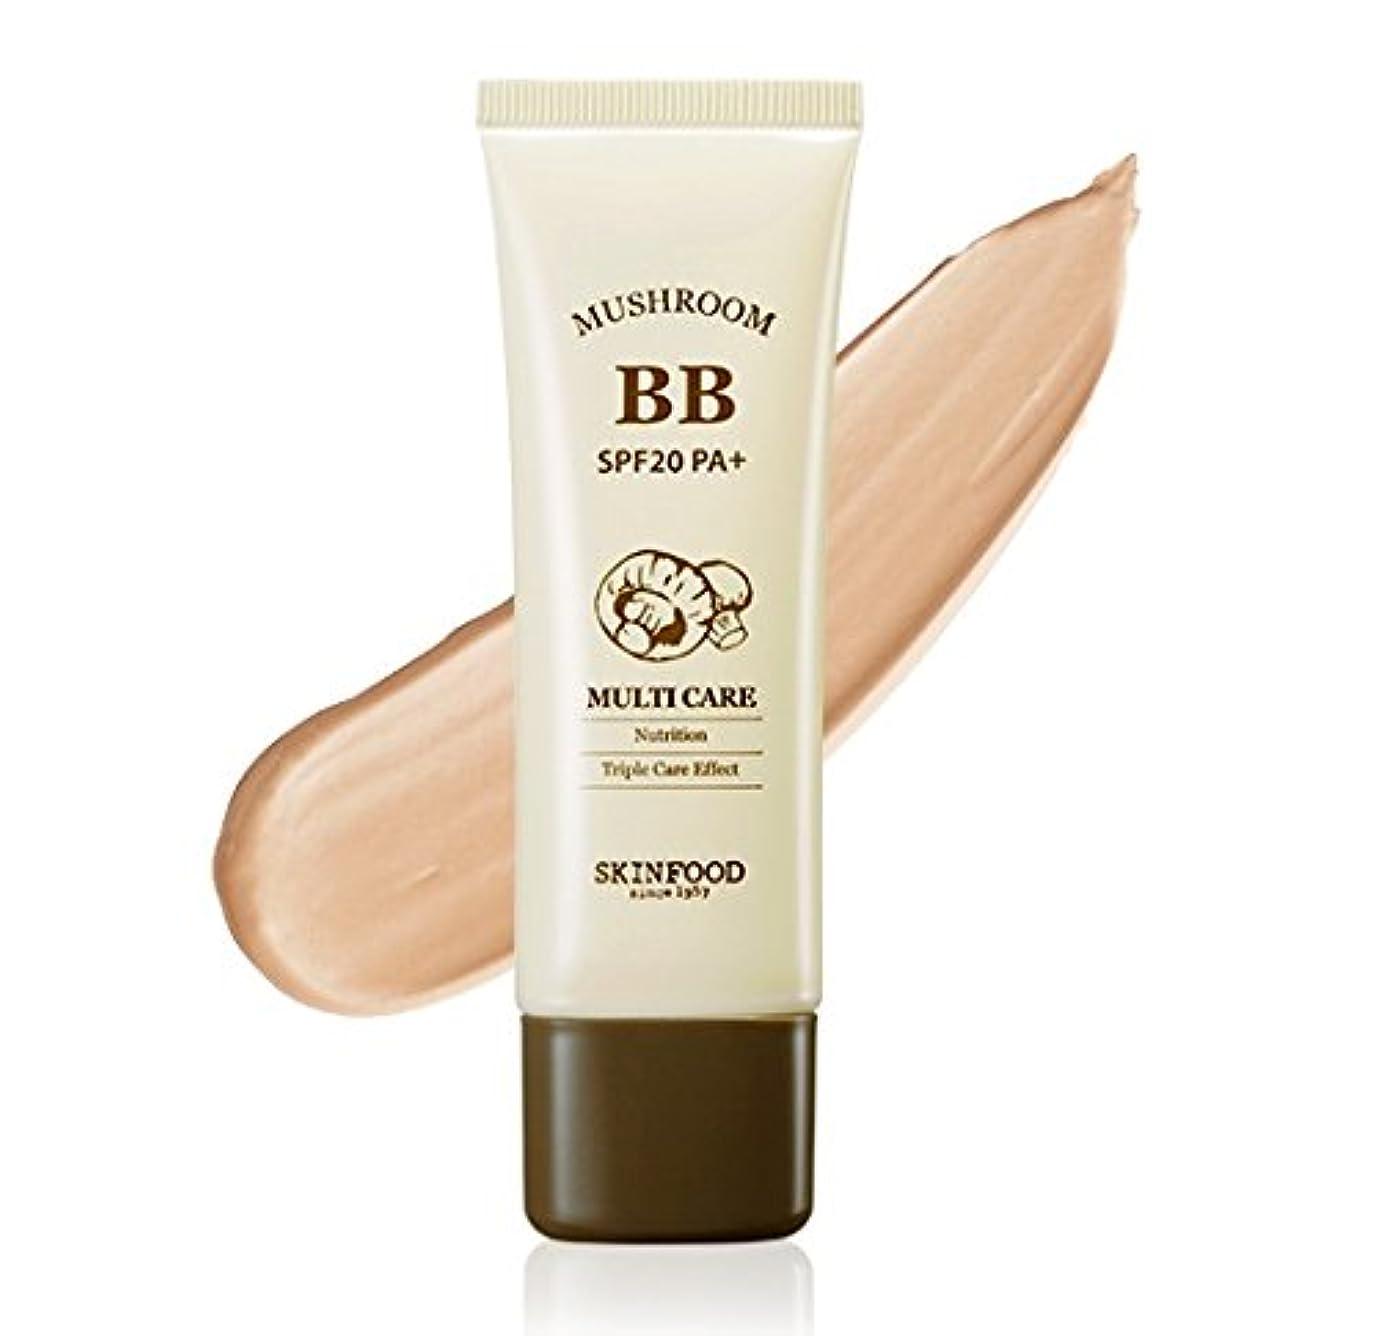 れるなので一元化する#Bright skin SKINFOOD Mushroom Multi Care BB Cream スキンフード マッシュルーム マルチケア BB cream クリーム SPF20 PA+ [並行輸入品]